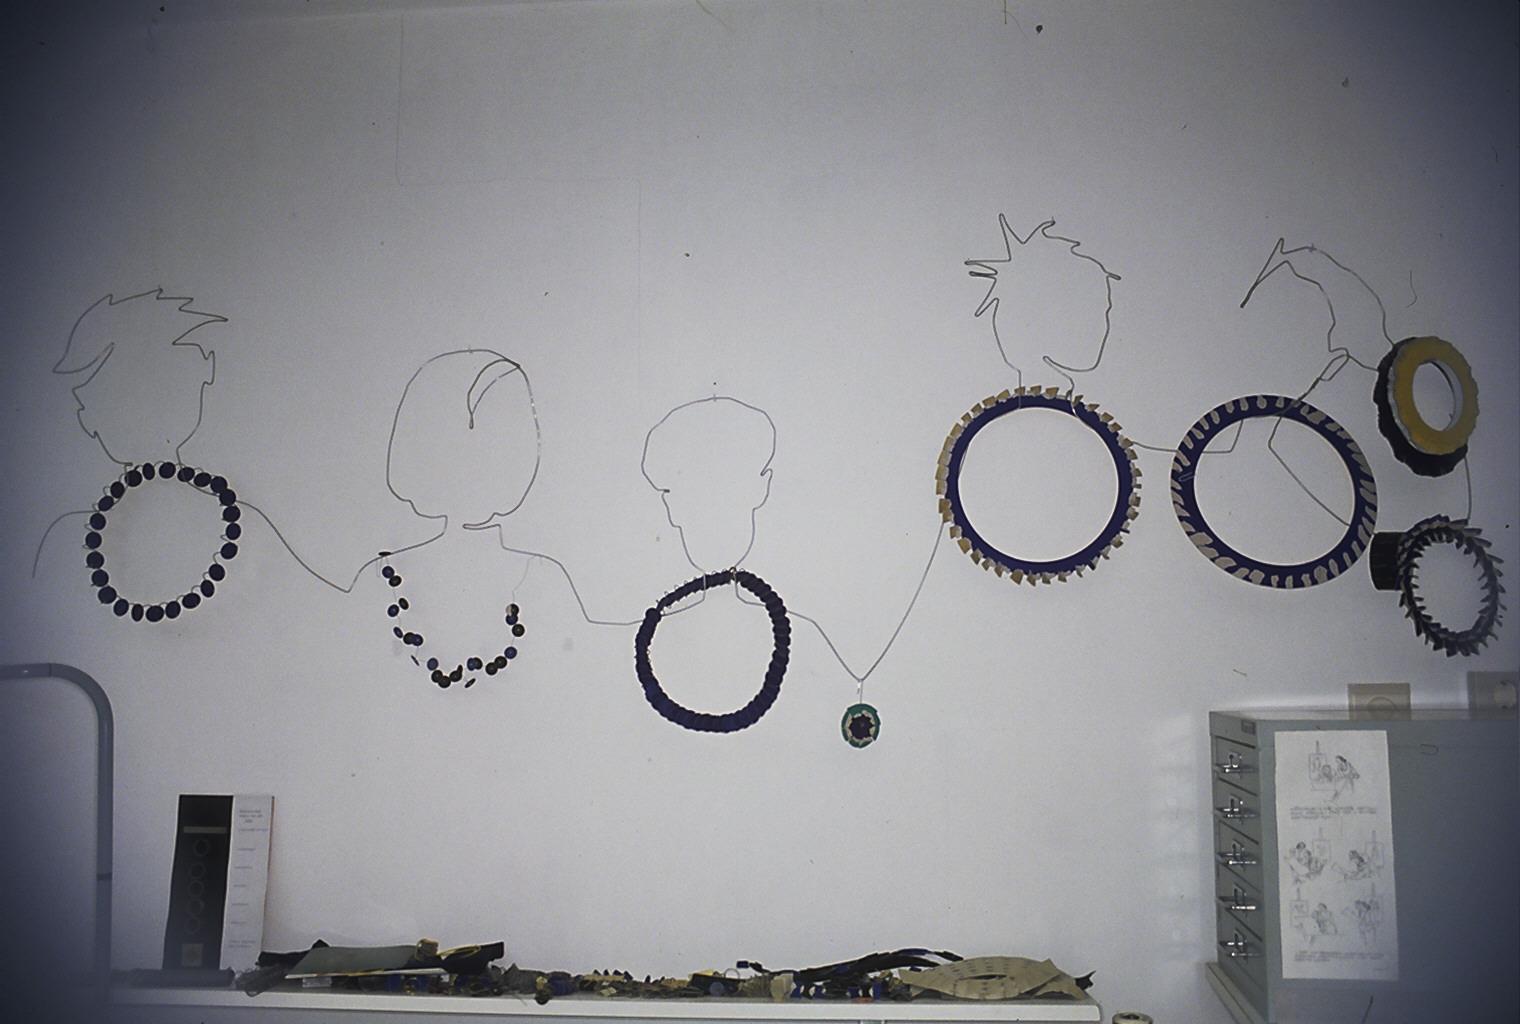 Wand in atelier van Lous Martin, 1995, halssieraden